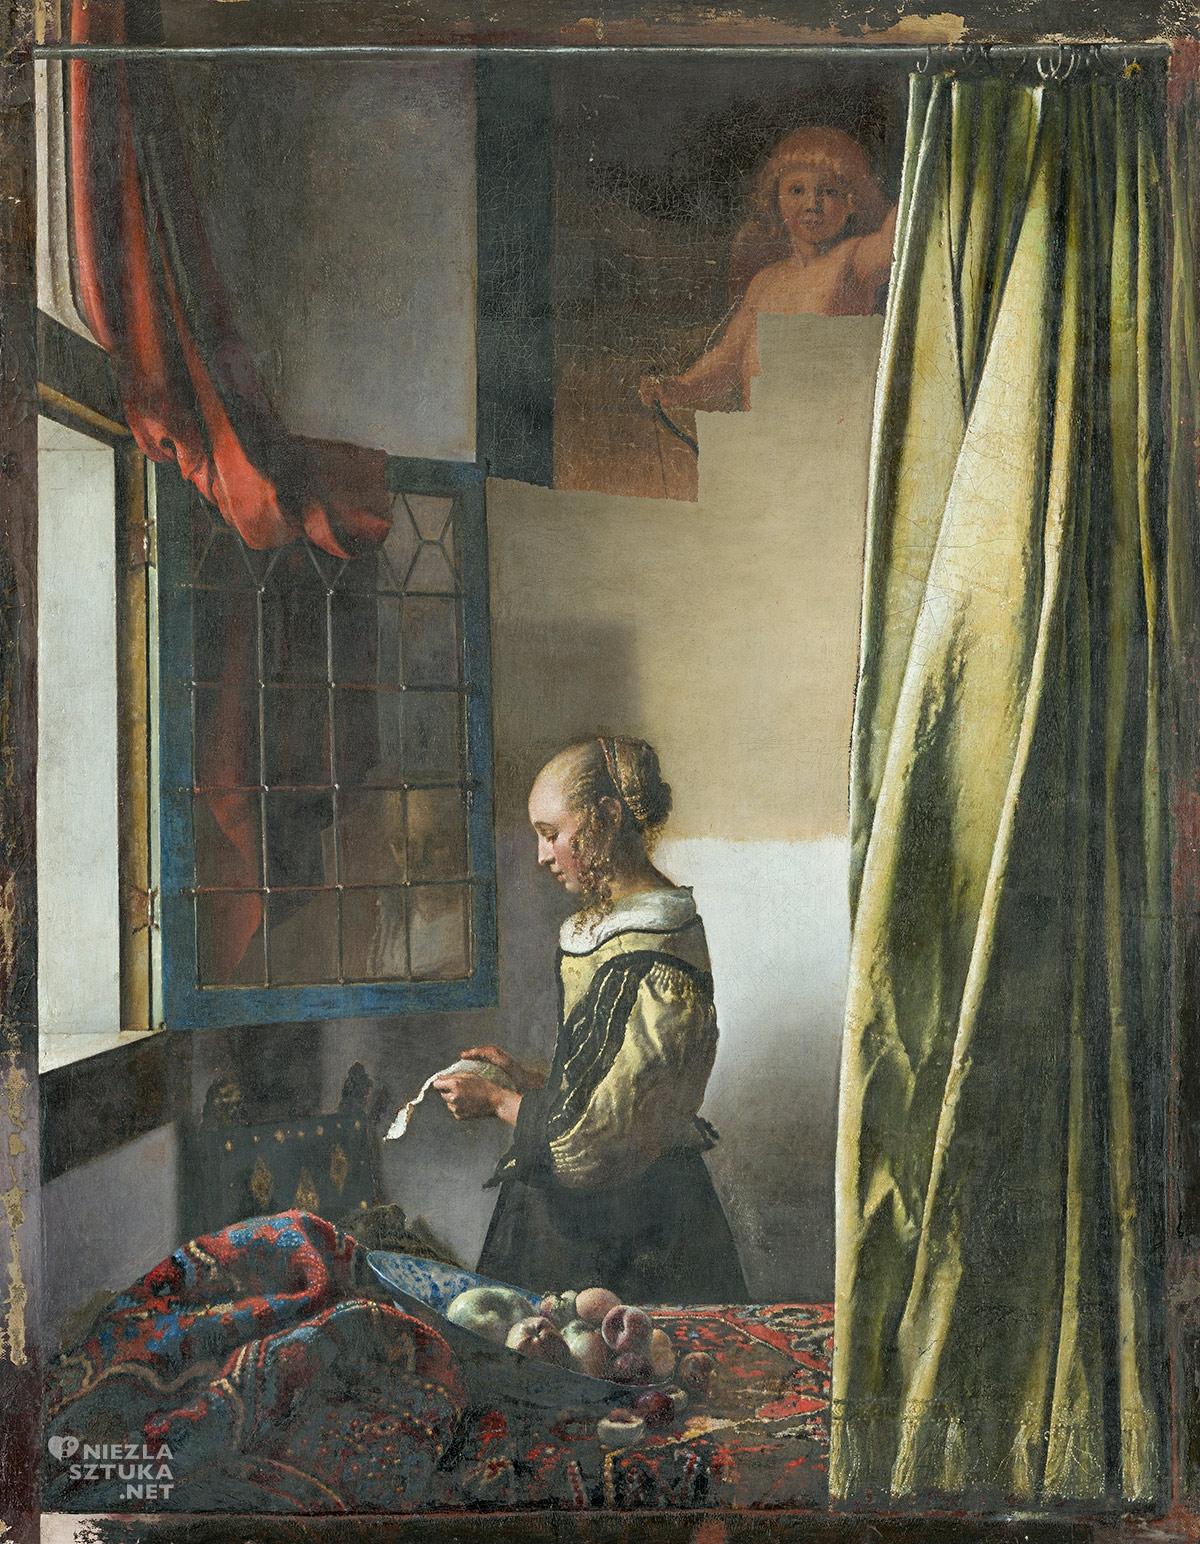 Johannes Vermeer, Dziewczyna czytająca list przy otwartym oknie, kupidyn, obraz w trakcie renowacji, ok. 1657-59, Galeria Obrazów Starych Mistrzów, Drezno, Niezła sztuka